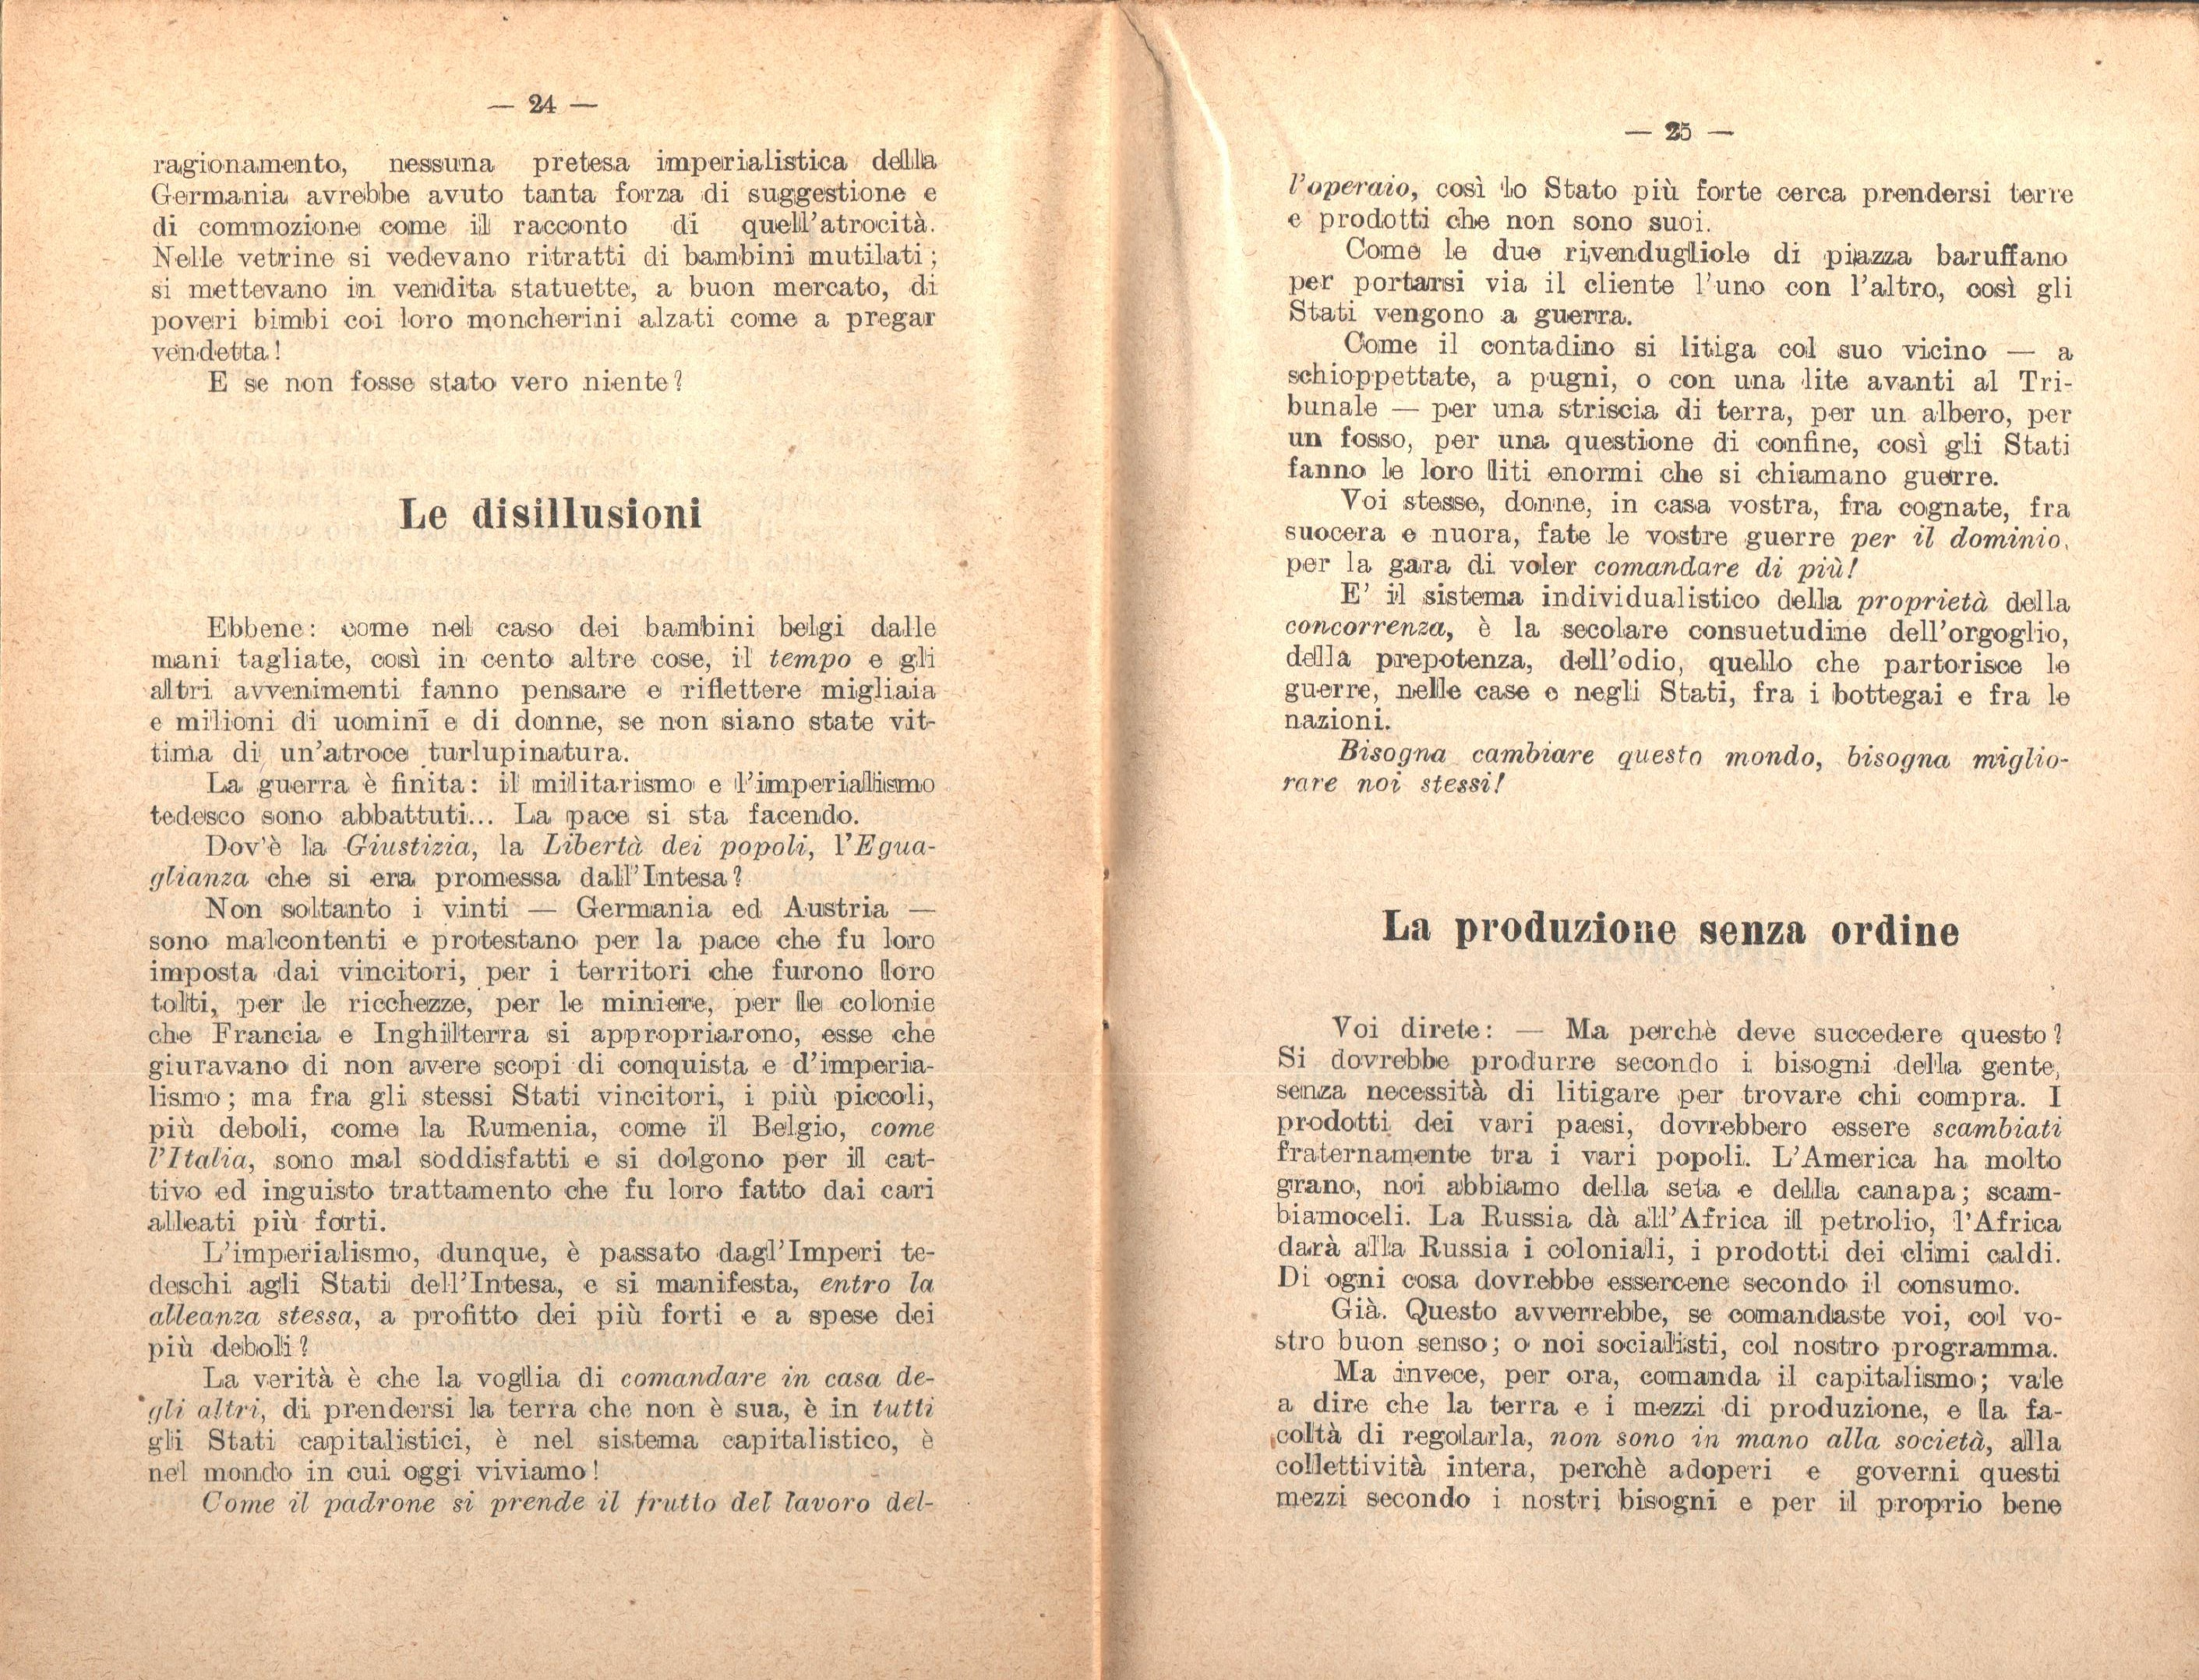 G. Zibordi, Alle donne - pag. 14